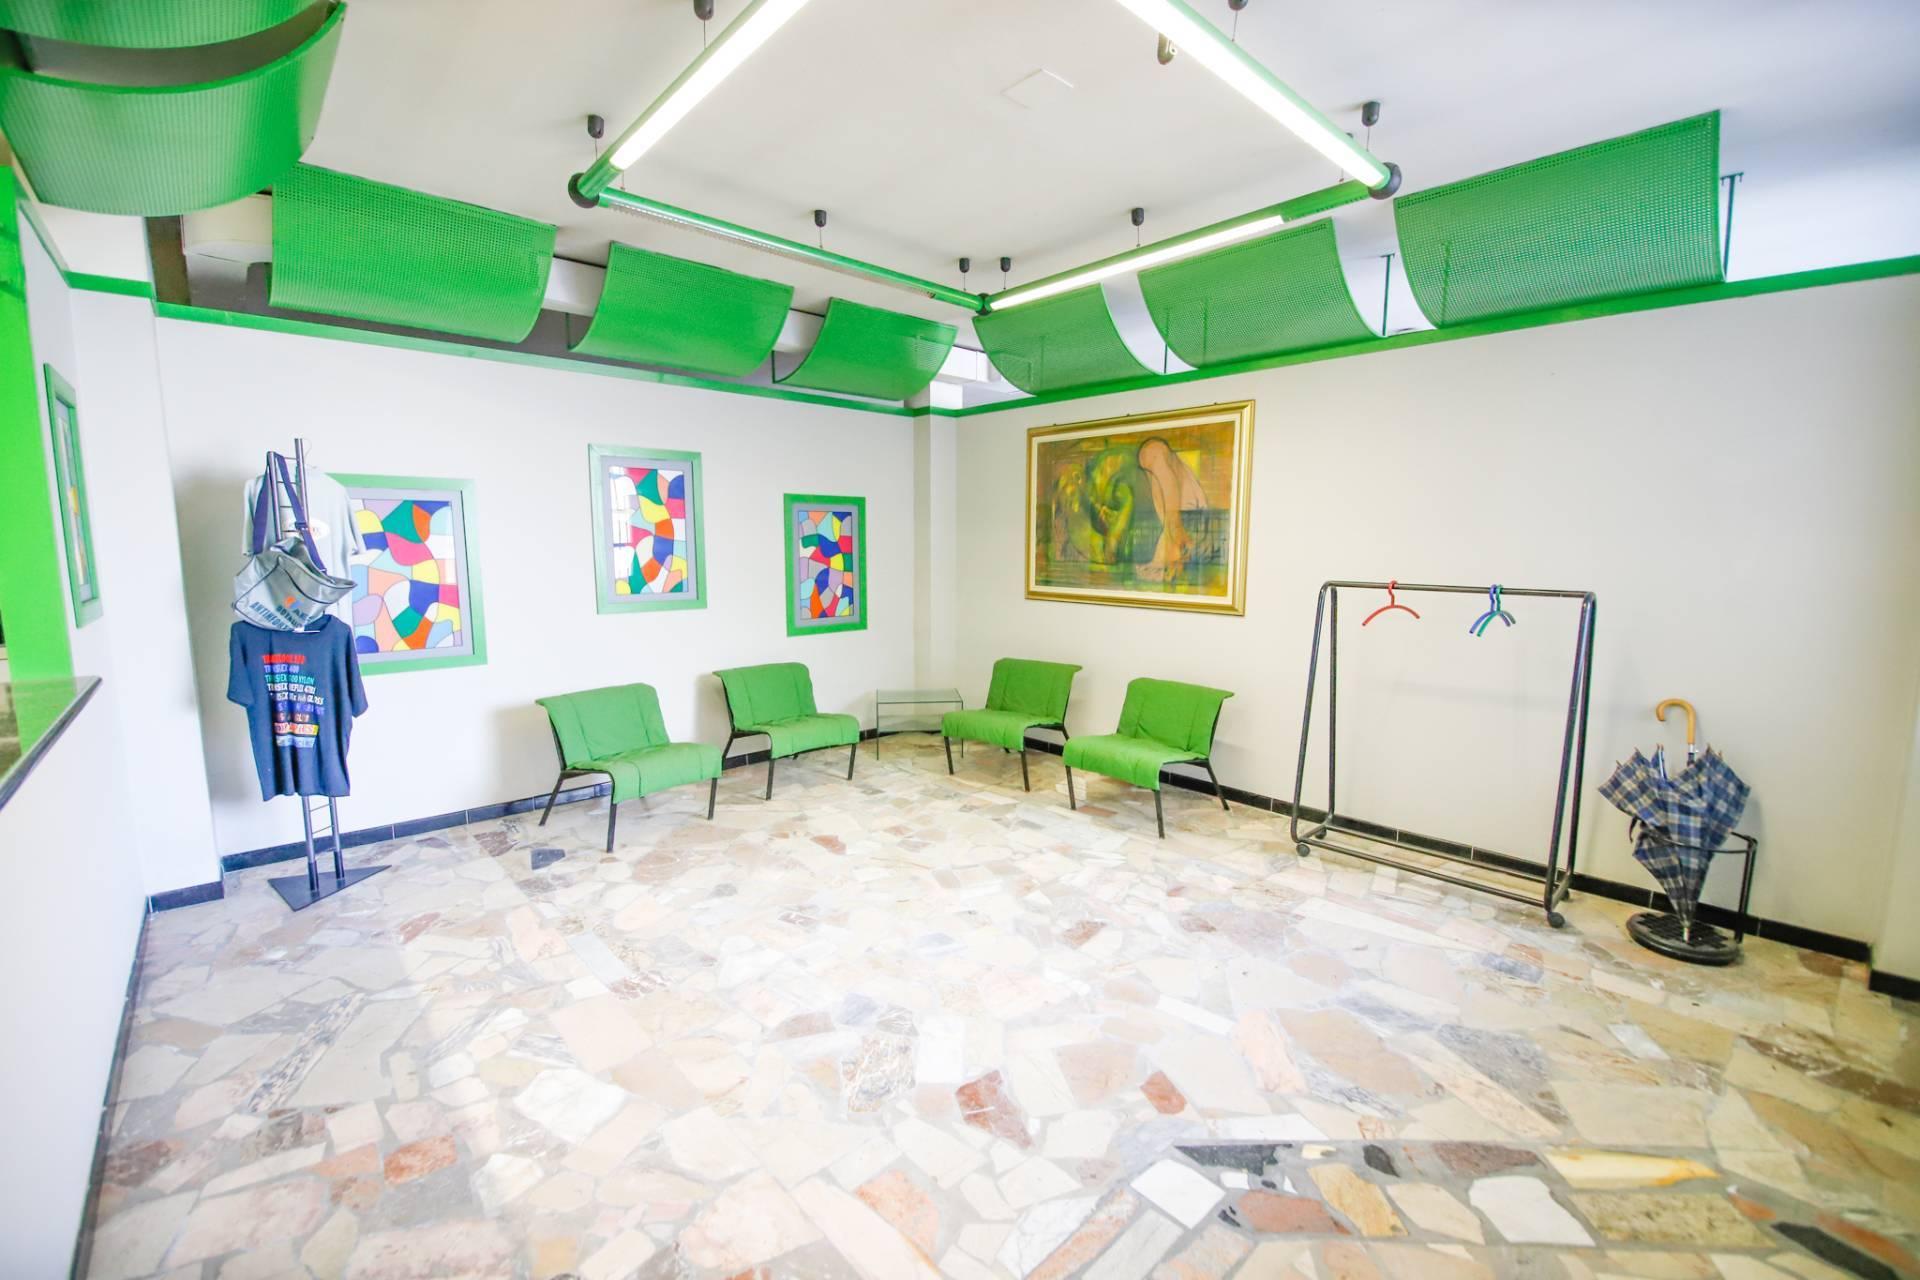 Negozio / Locale in vendita a San Mauro Torinese, 9999 locali, zona Località: OltrePo, prezzo € 239.000 | PortaleAgenzieImmobiliari.it